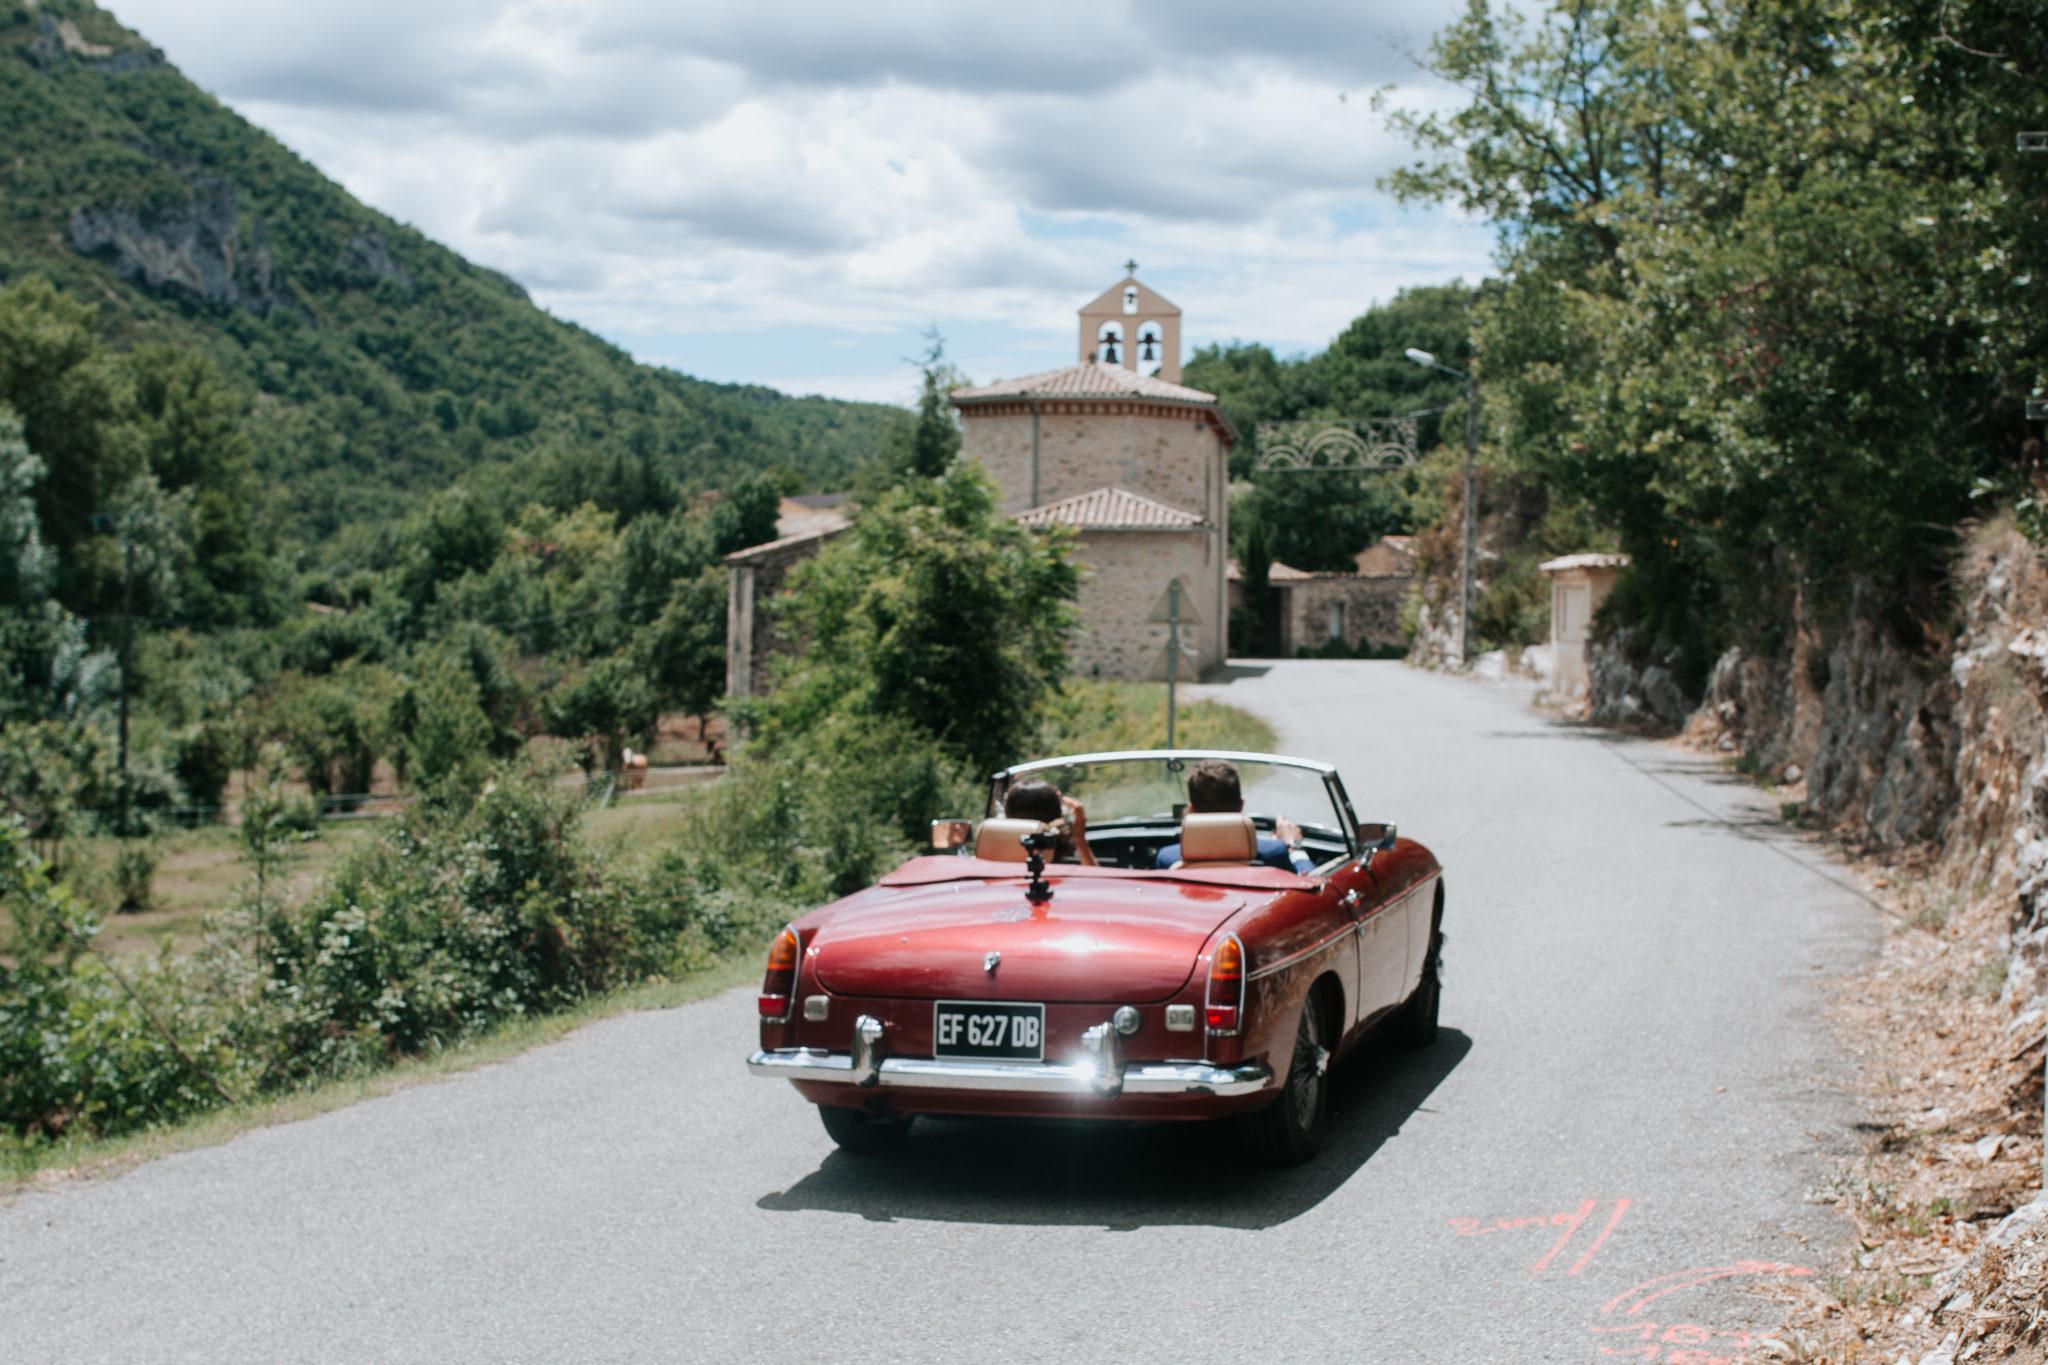 Départ des mariés Cérémonie civile mairie Drome Provencale Saint-Ferréol-Trente-Pas